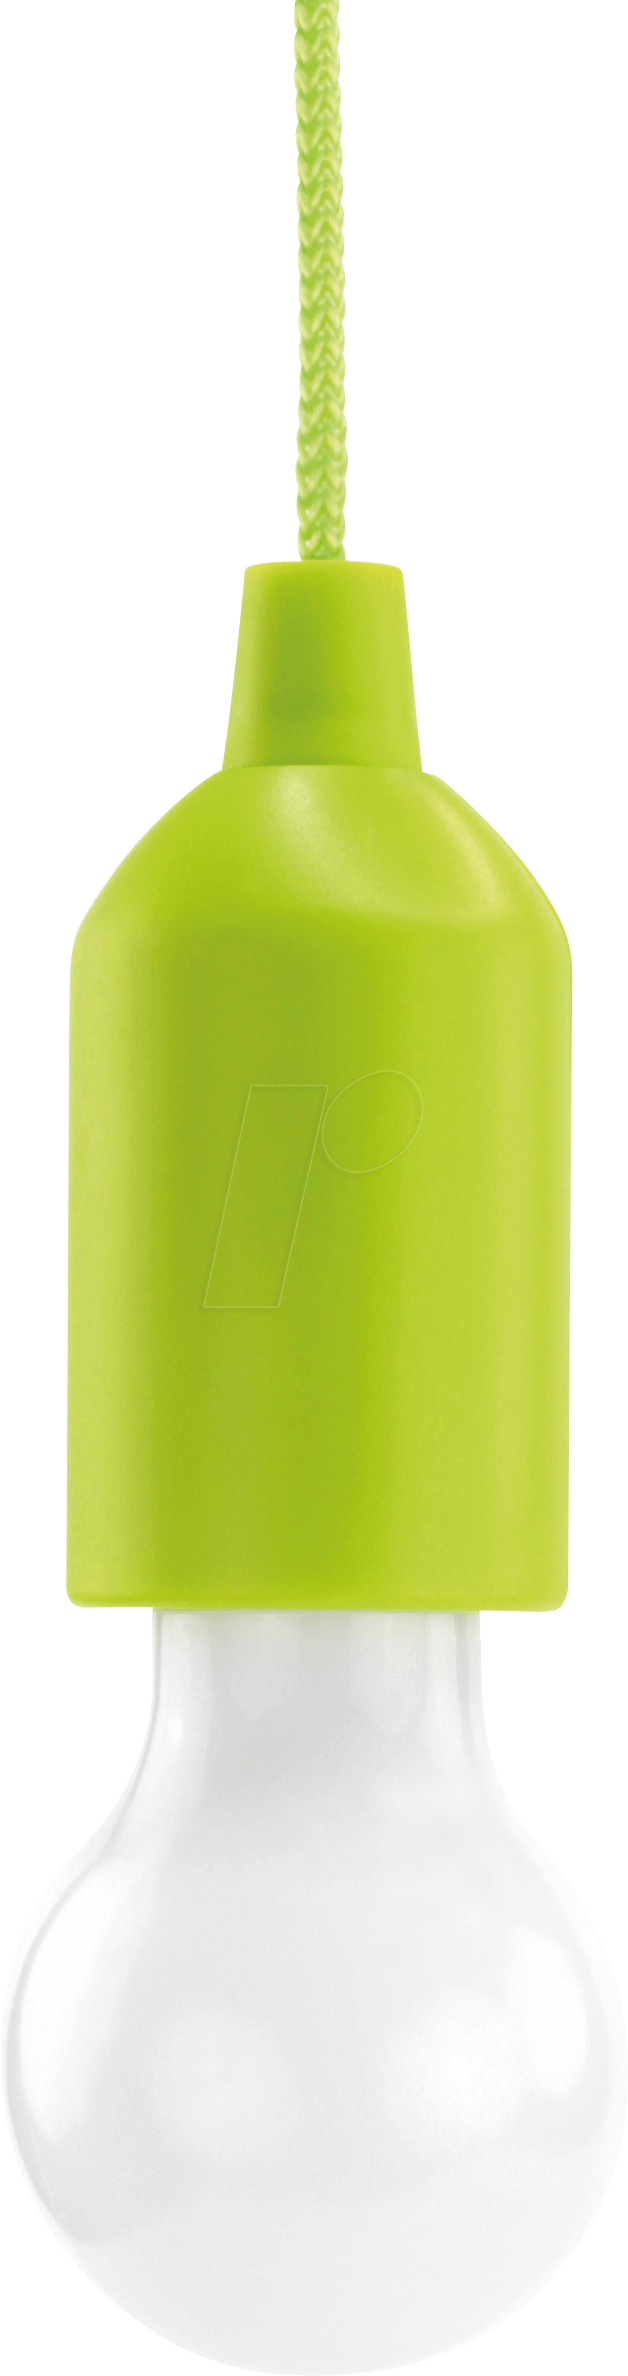 ANS 1600-0175 - Pendelleuchte mit Batterie, PL1W, 25 lm, grün 3x AAA (Micro)